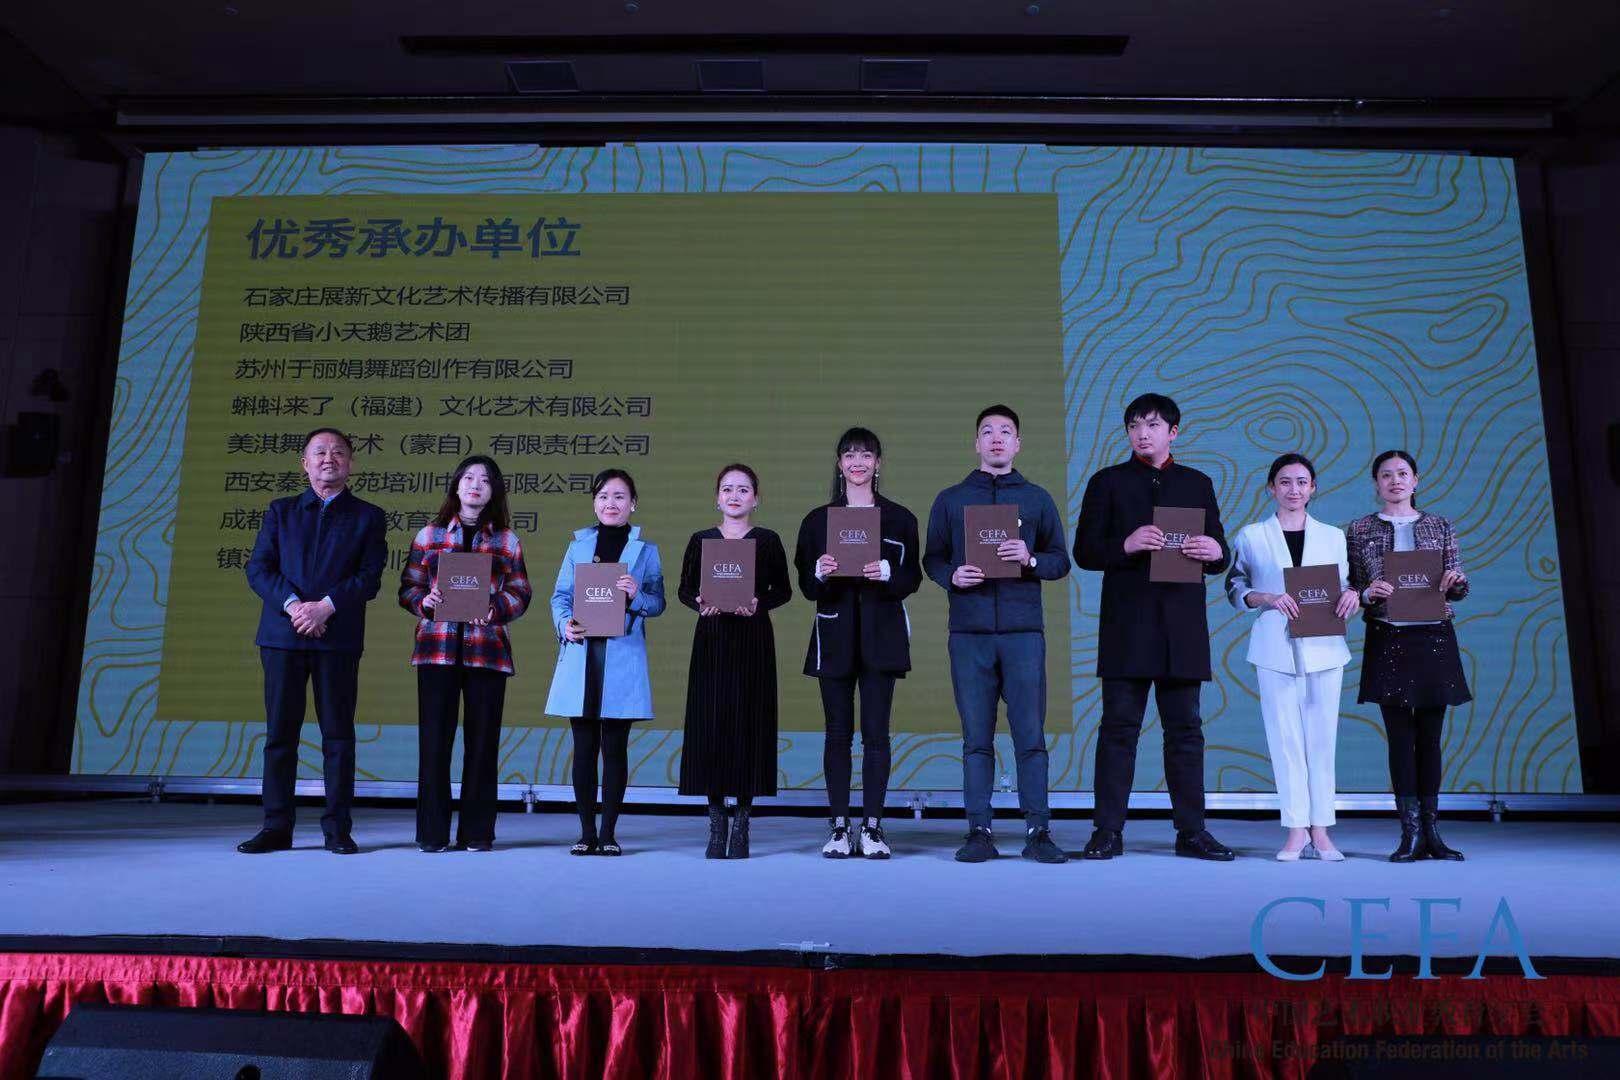 好消息|江苏周易教育荣获头孢2020优秀组织者